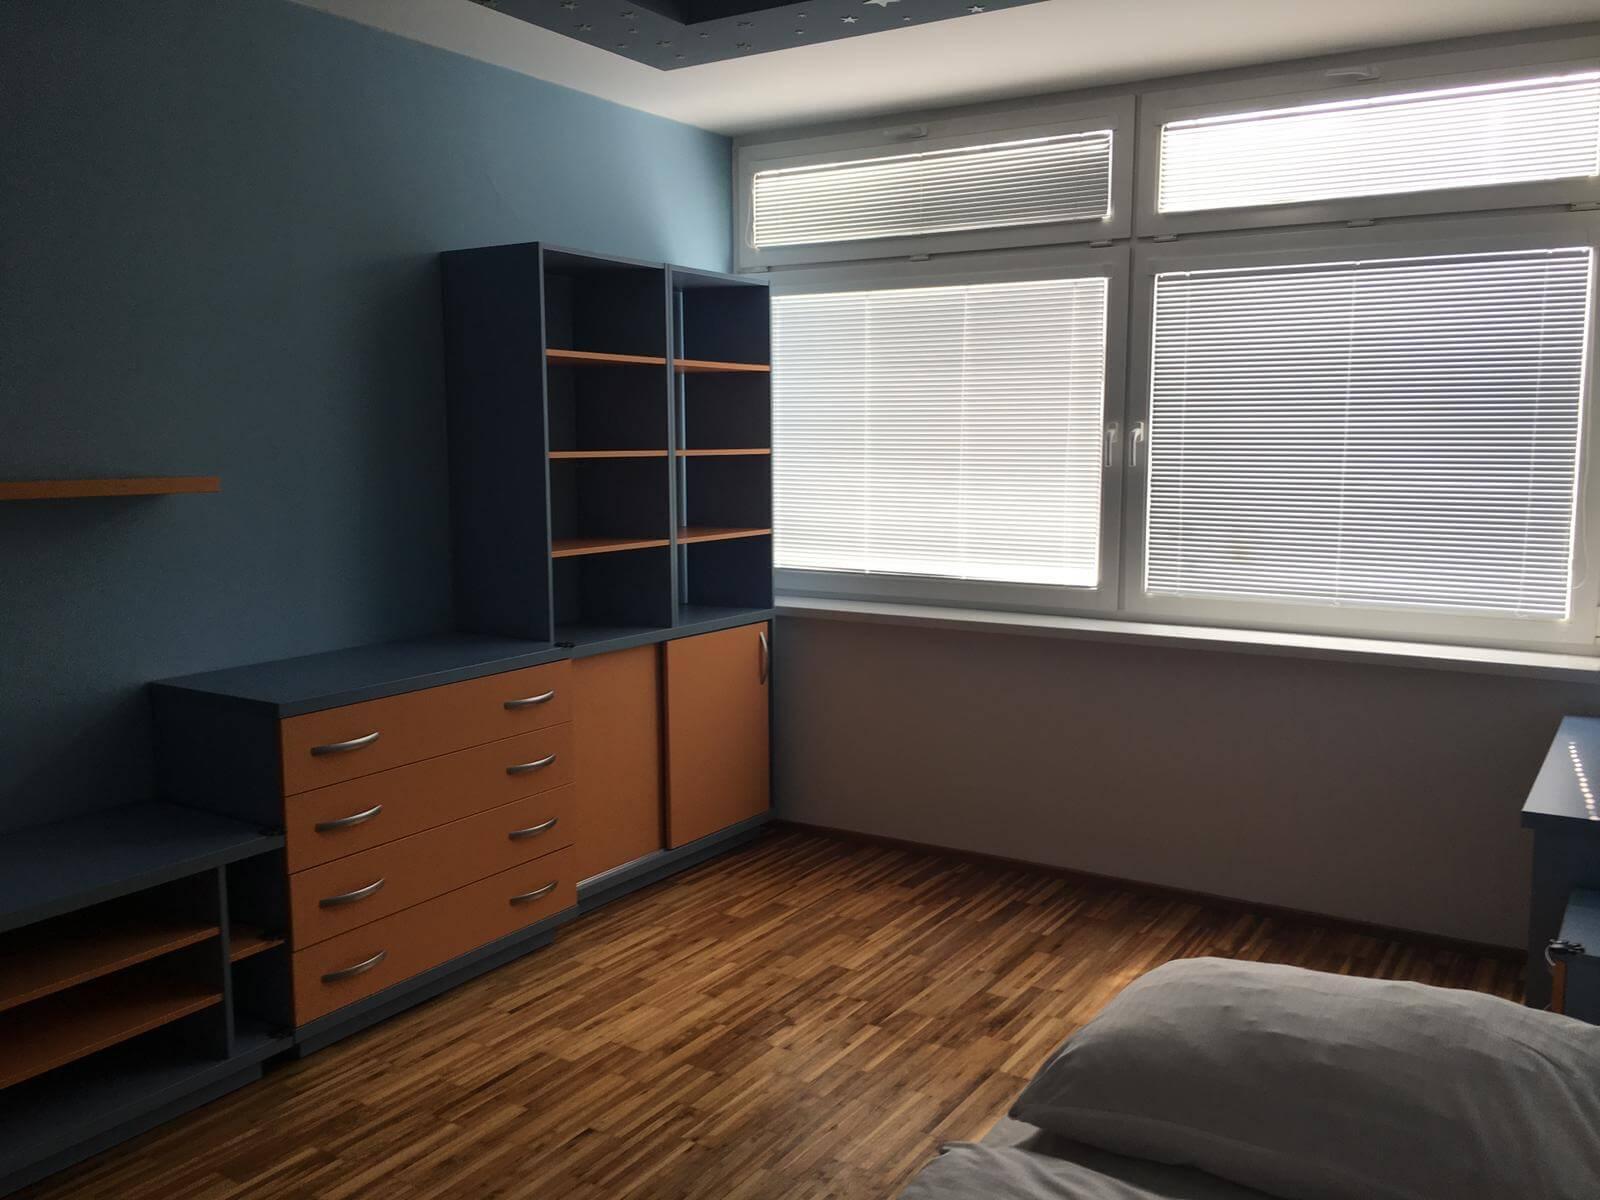 Prenajate: Prenájom 4 izbového luxusného bytu, Pri Slavíne, novostavba, 2x parkovanie, Boženy Nemcovej, Centrum-34